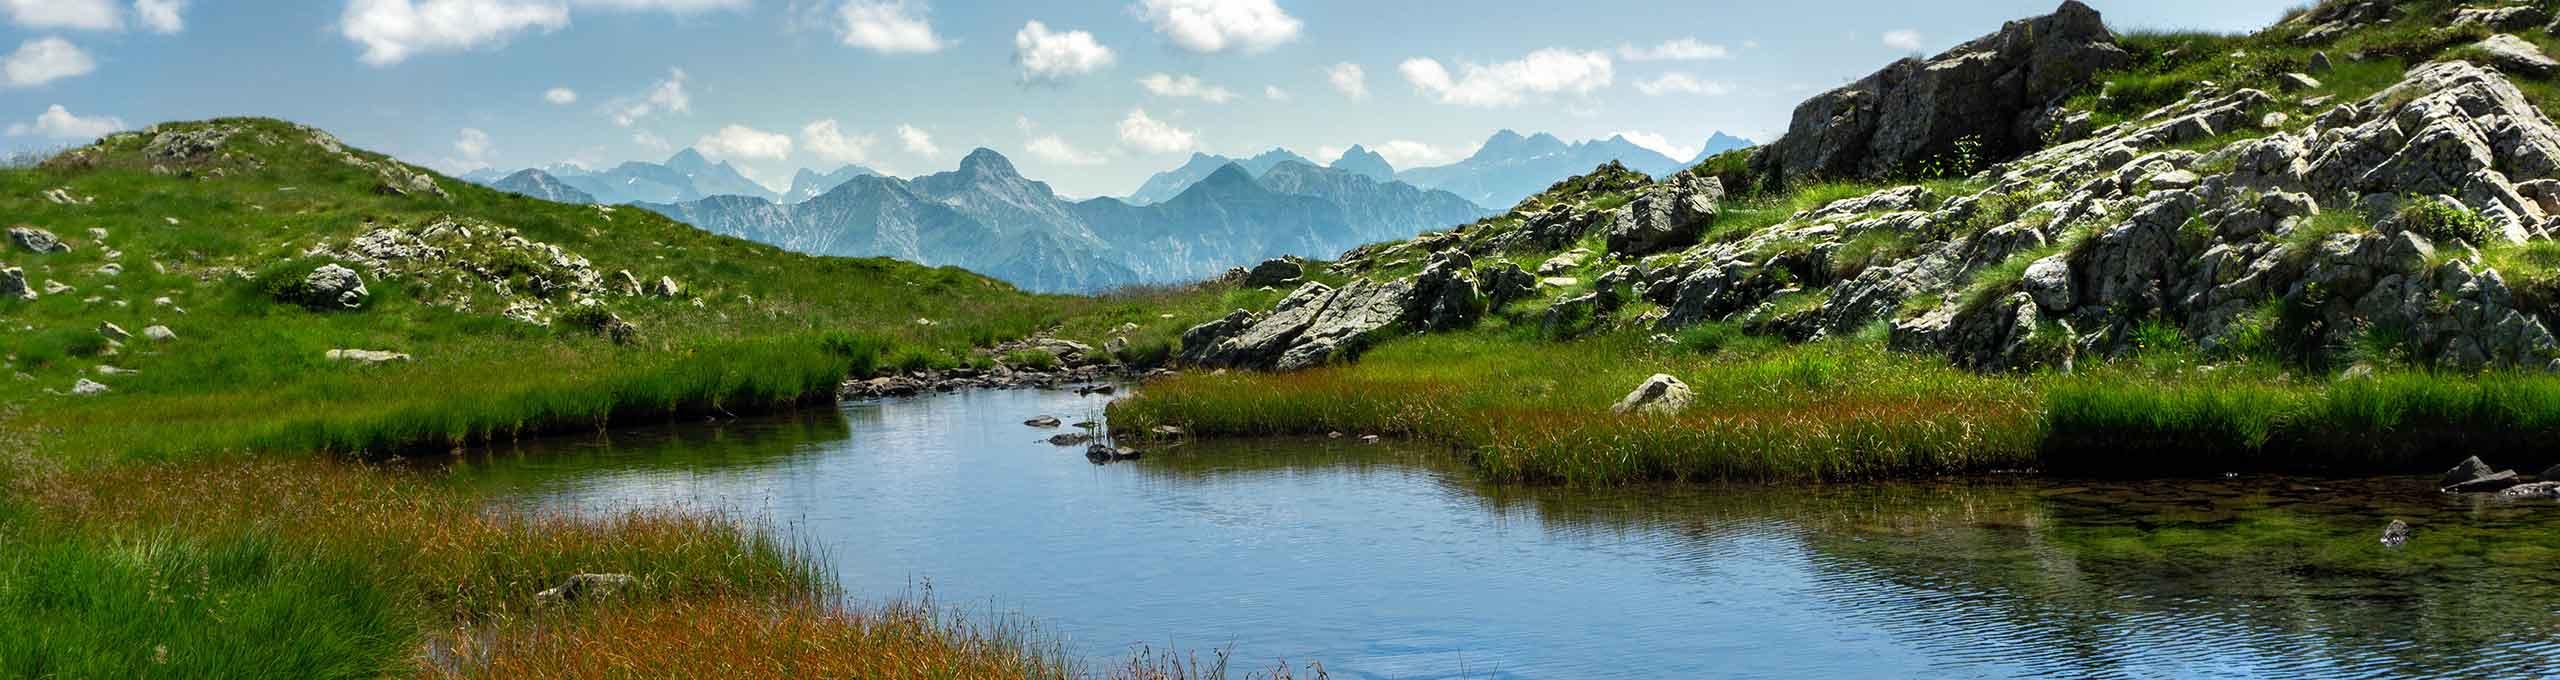 Ponteranica, Val Brembana, Lago di Ponteranica